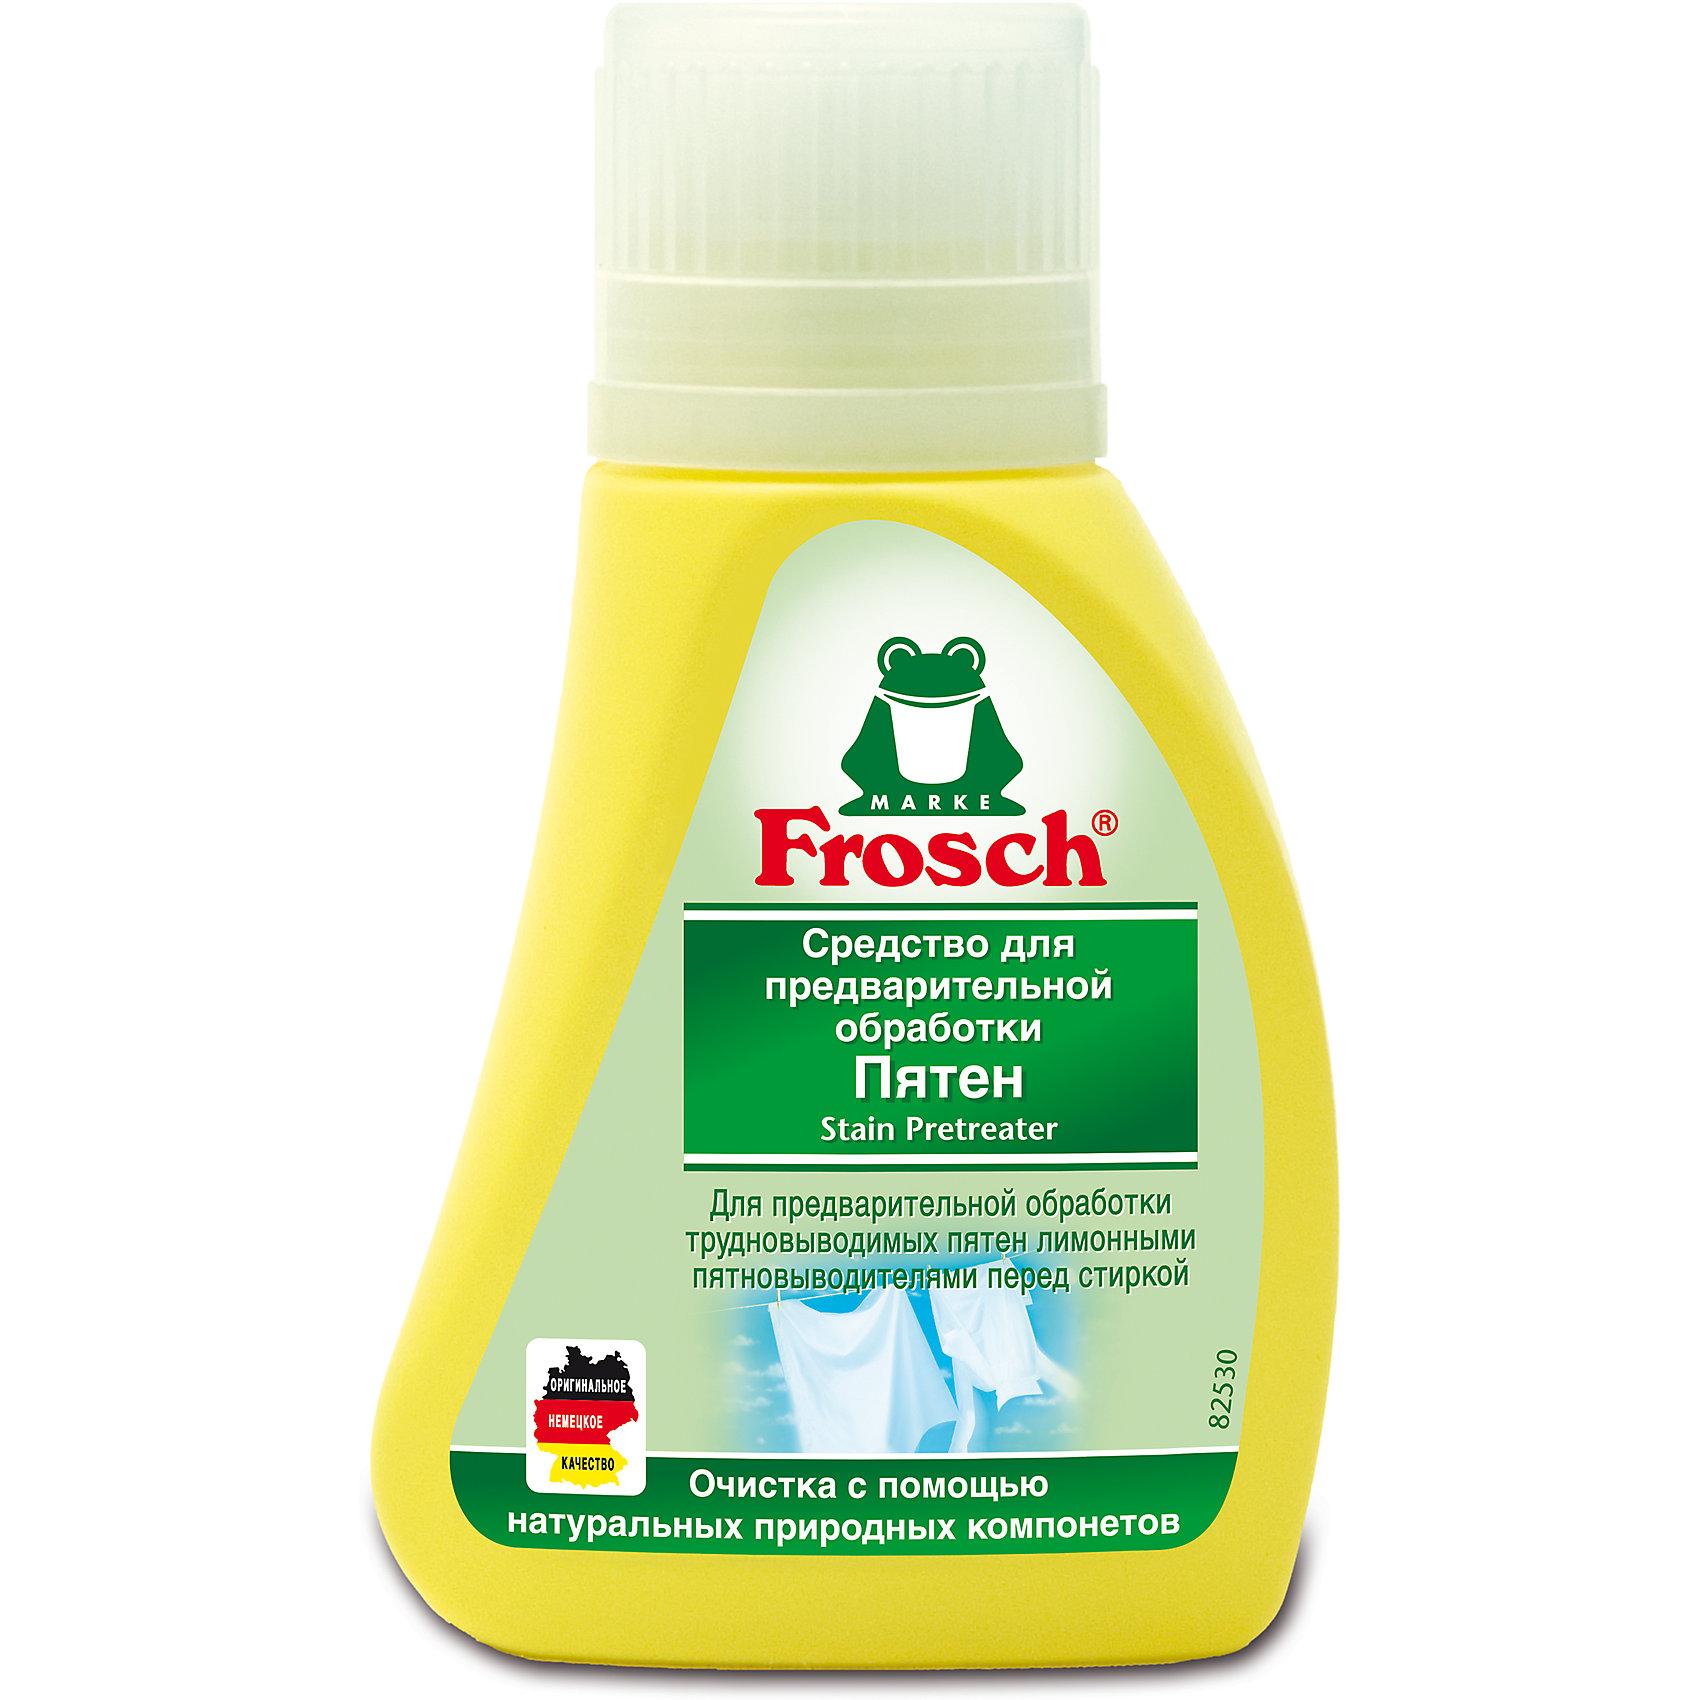 Средство для предварительной обработки пятен, 75 мл, Frosch (-)